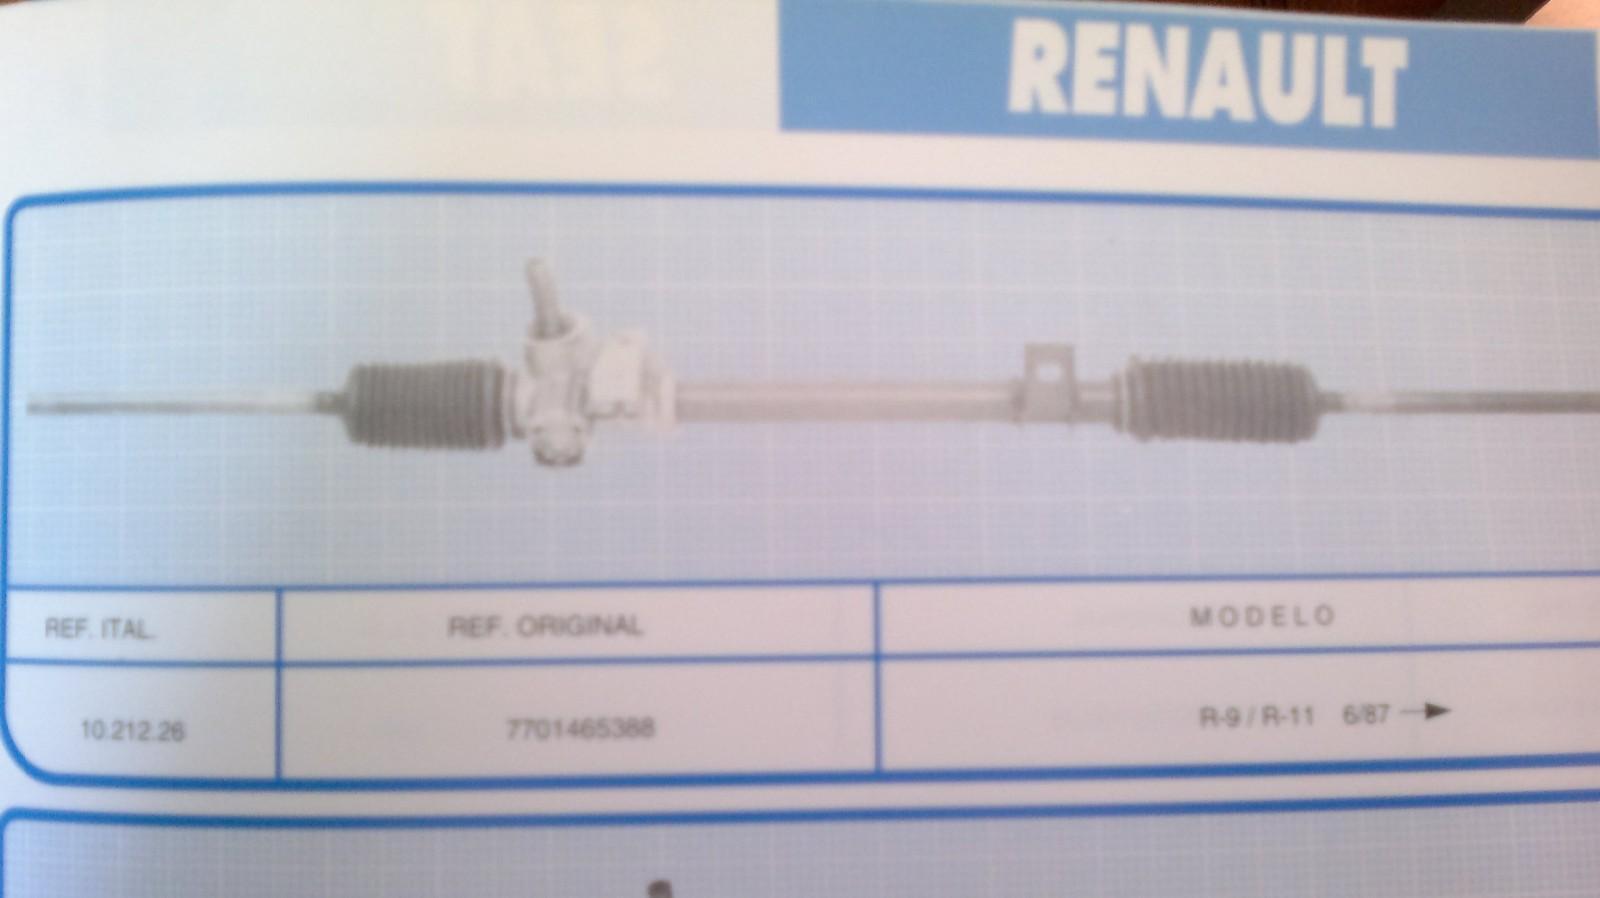 Dirección Renault 9 y 11 desde el 87